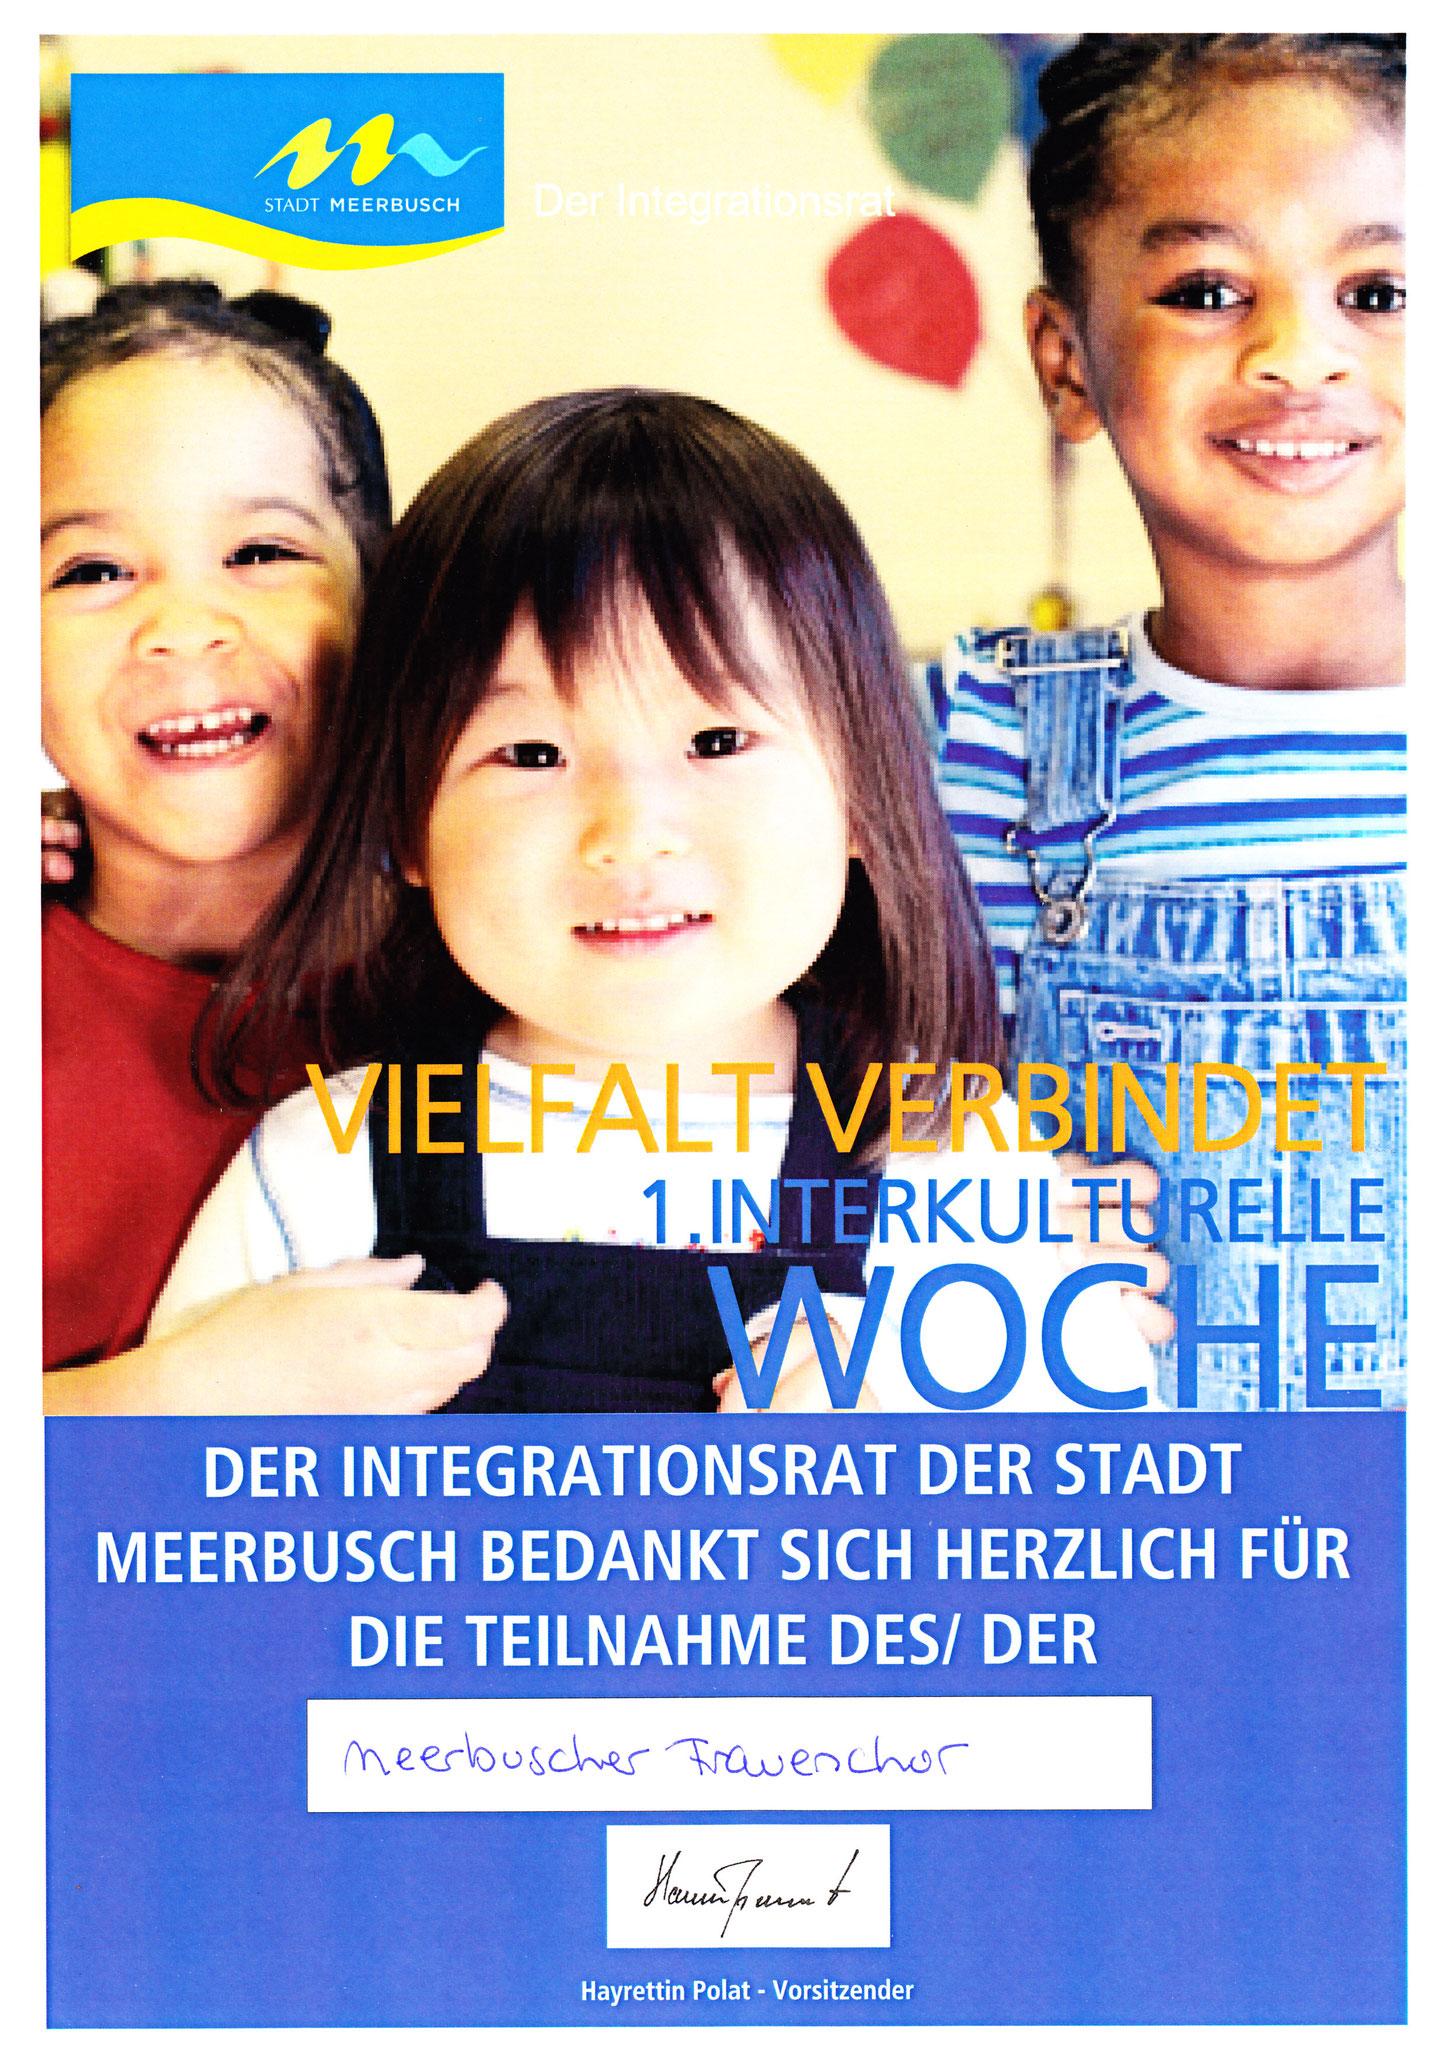 Auftritt im Rahmen der Interkulturellen Woche in Meerbusch am 06.05.2012